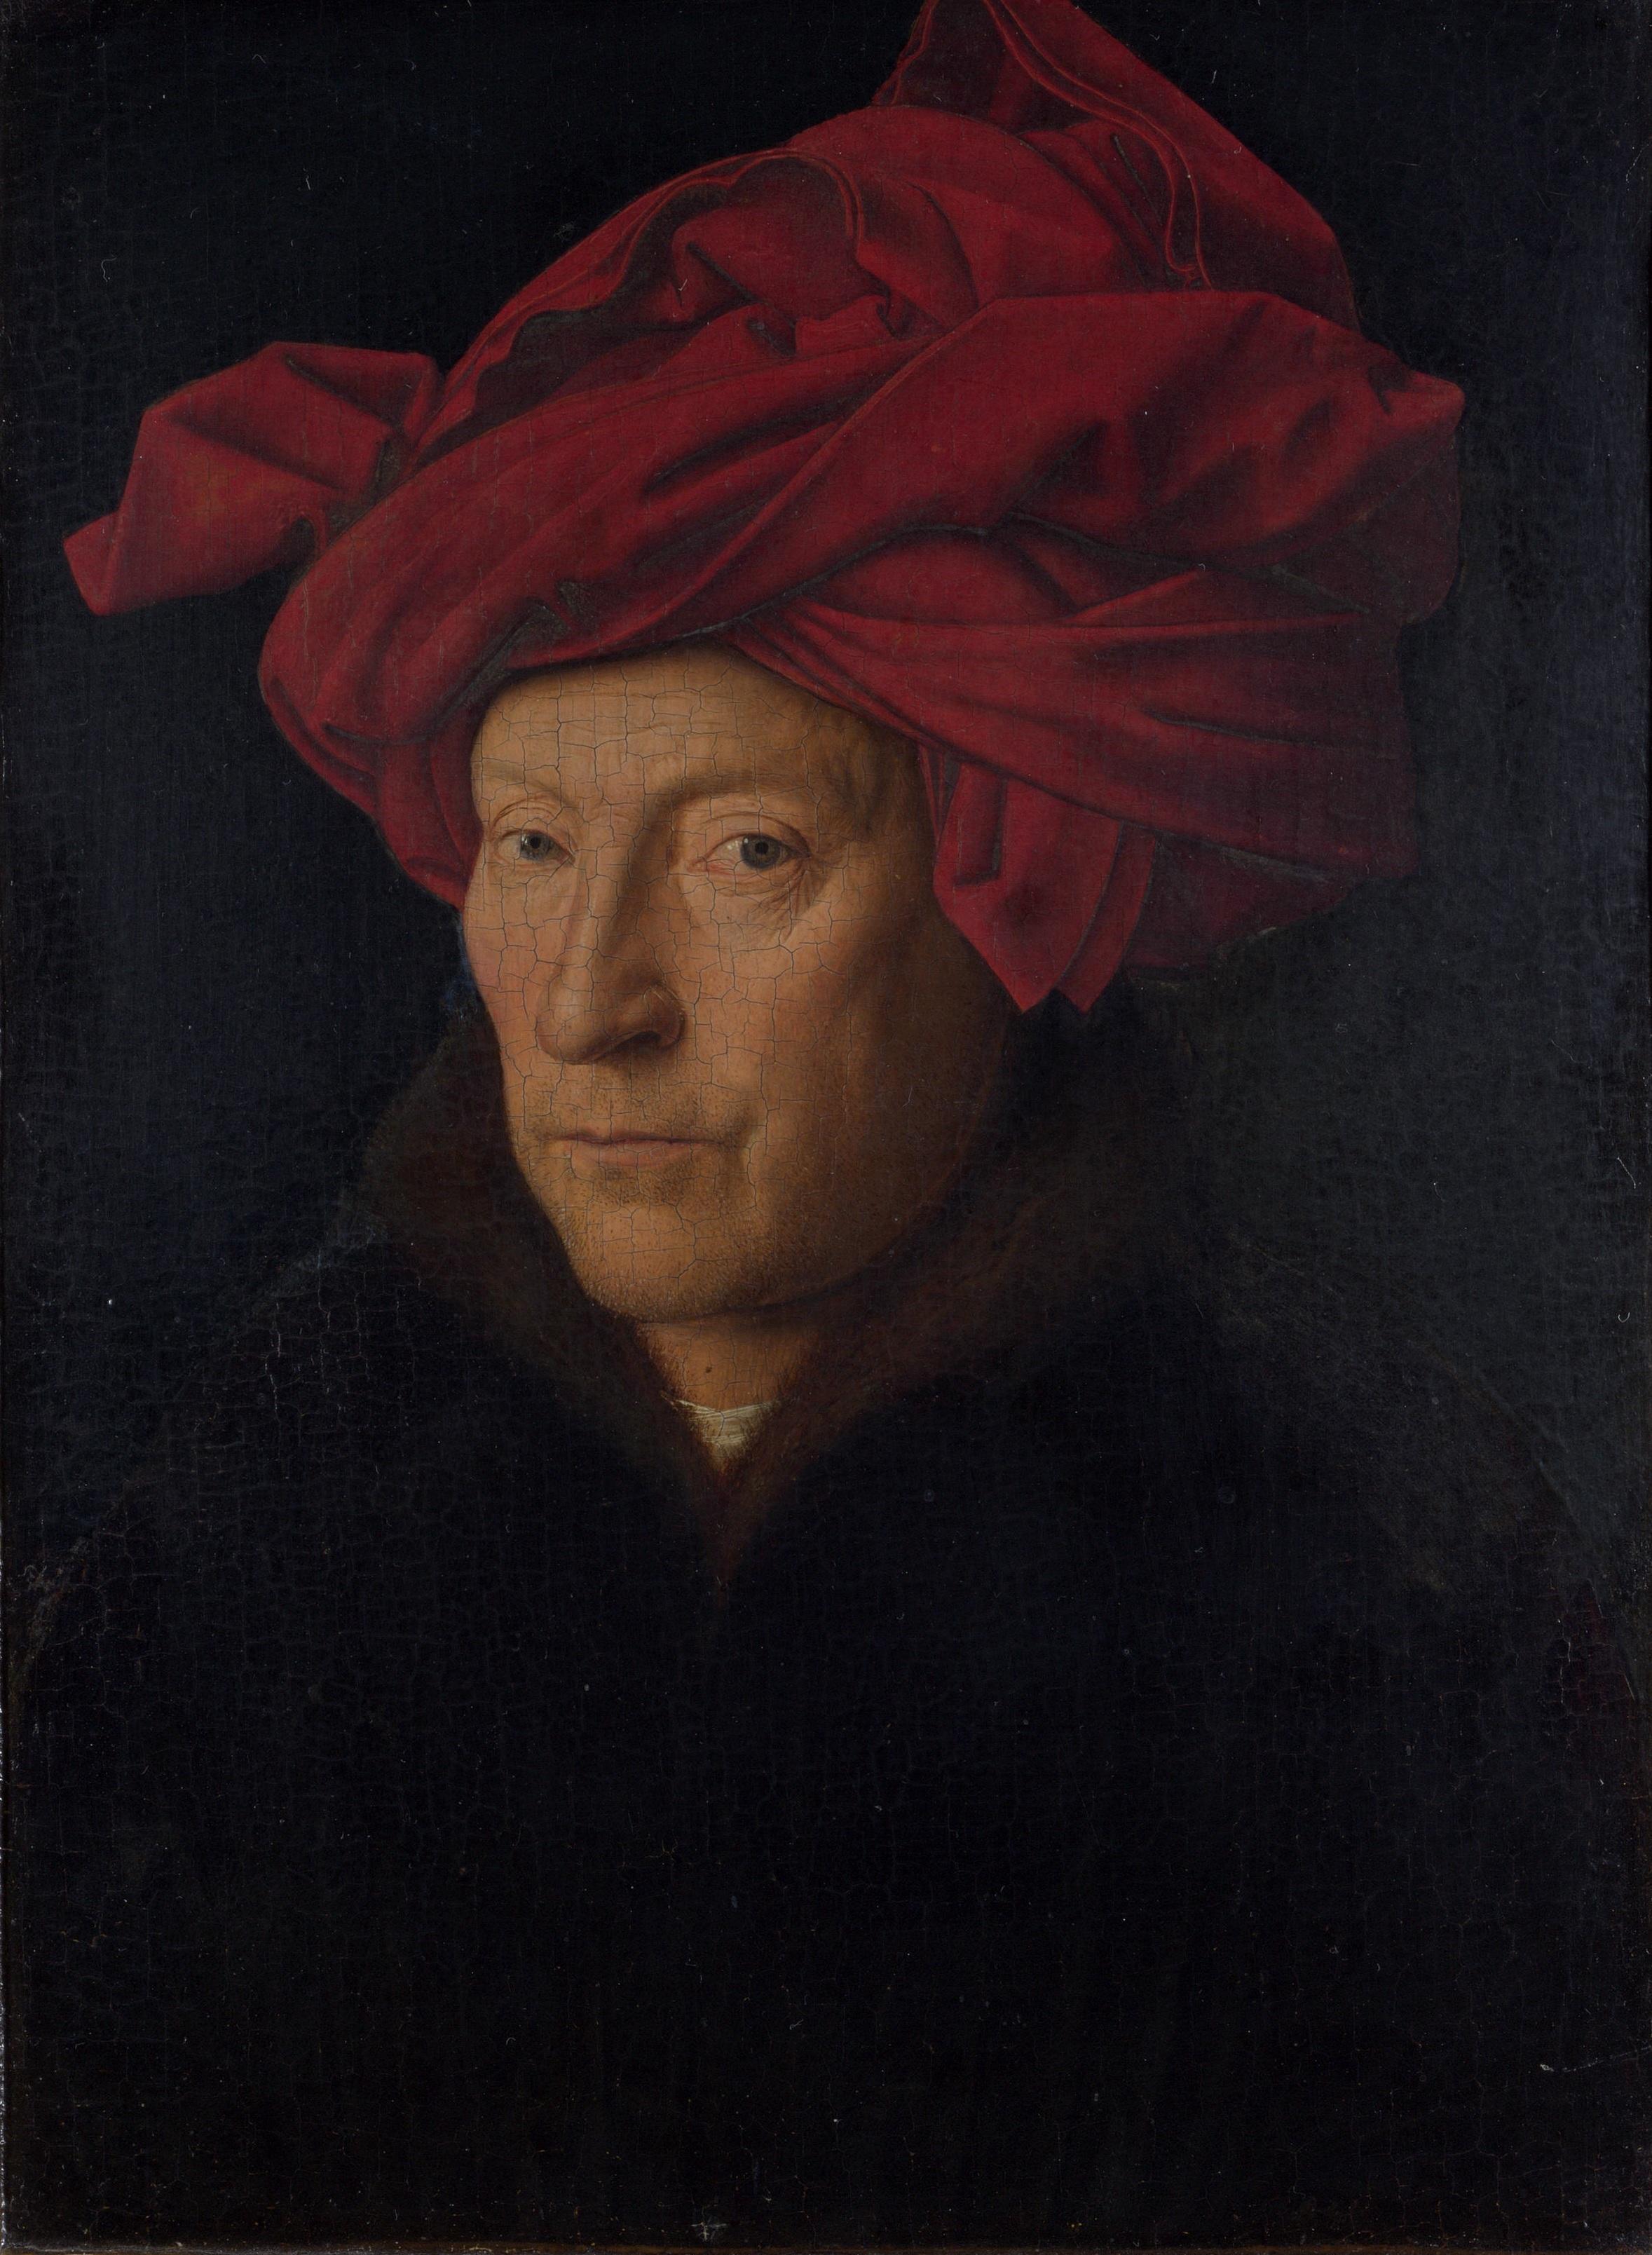 Jan van Eyck (Maaseik, 1390 circa – Bruges, giugno 1441), Ritratto di uomo con turbante rosso, 1433